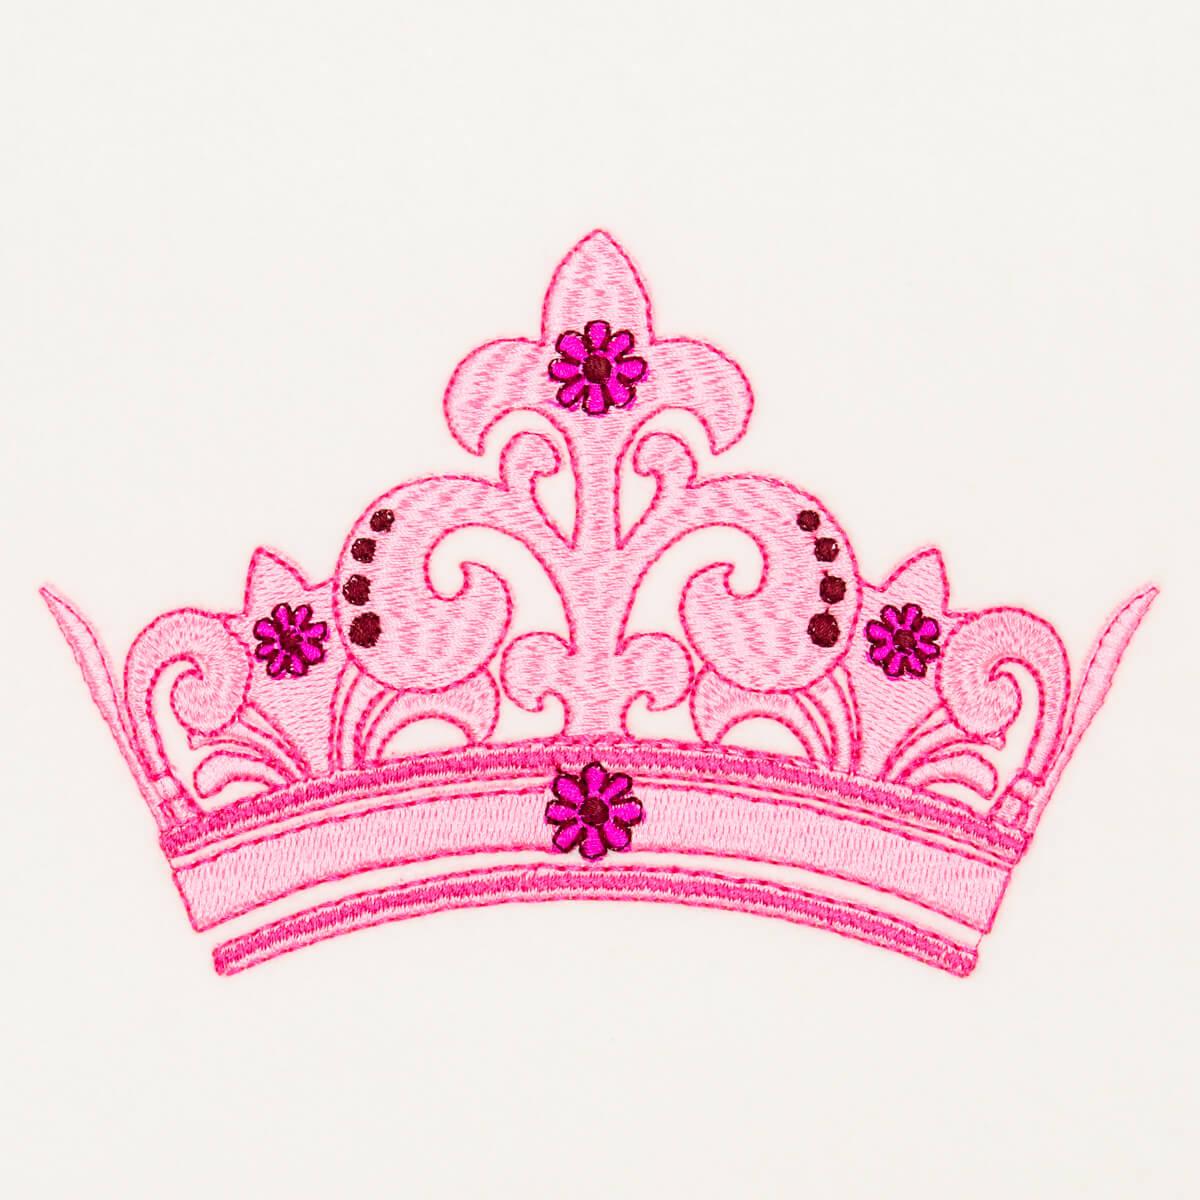 Matriz de bordado Coroa 17